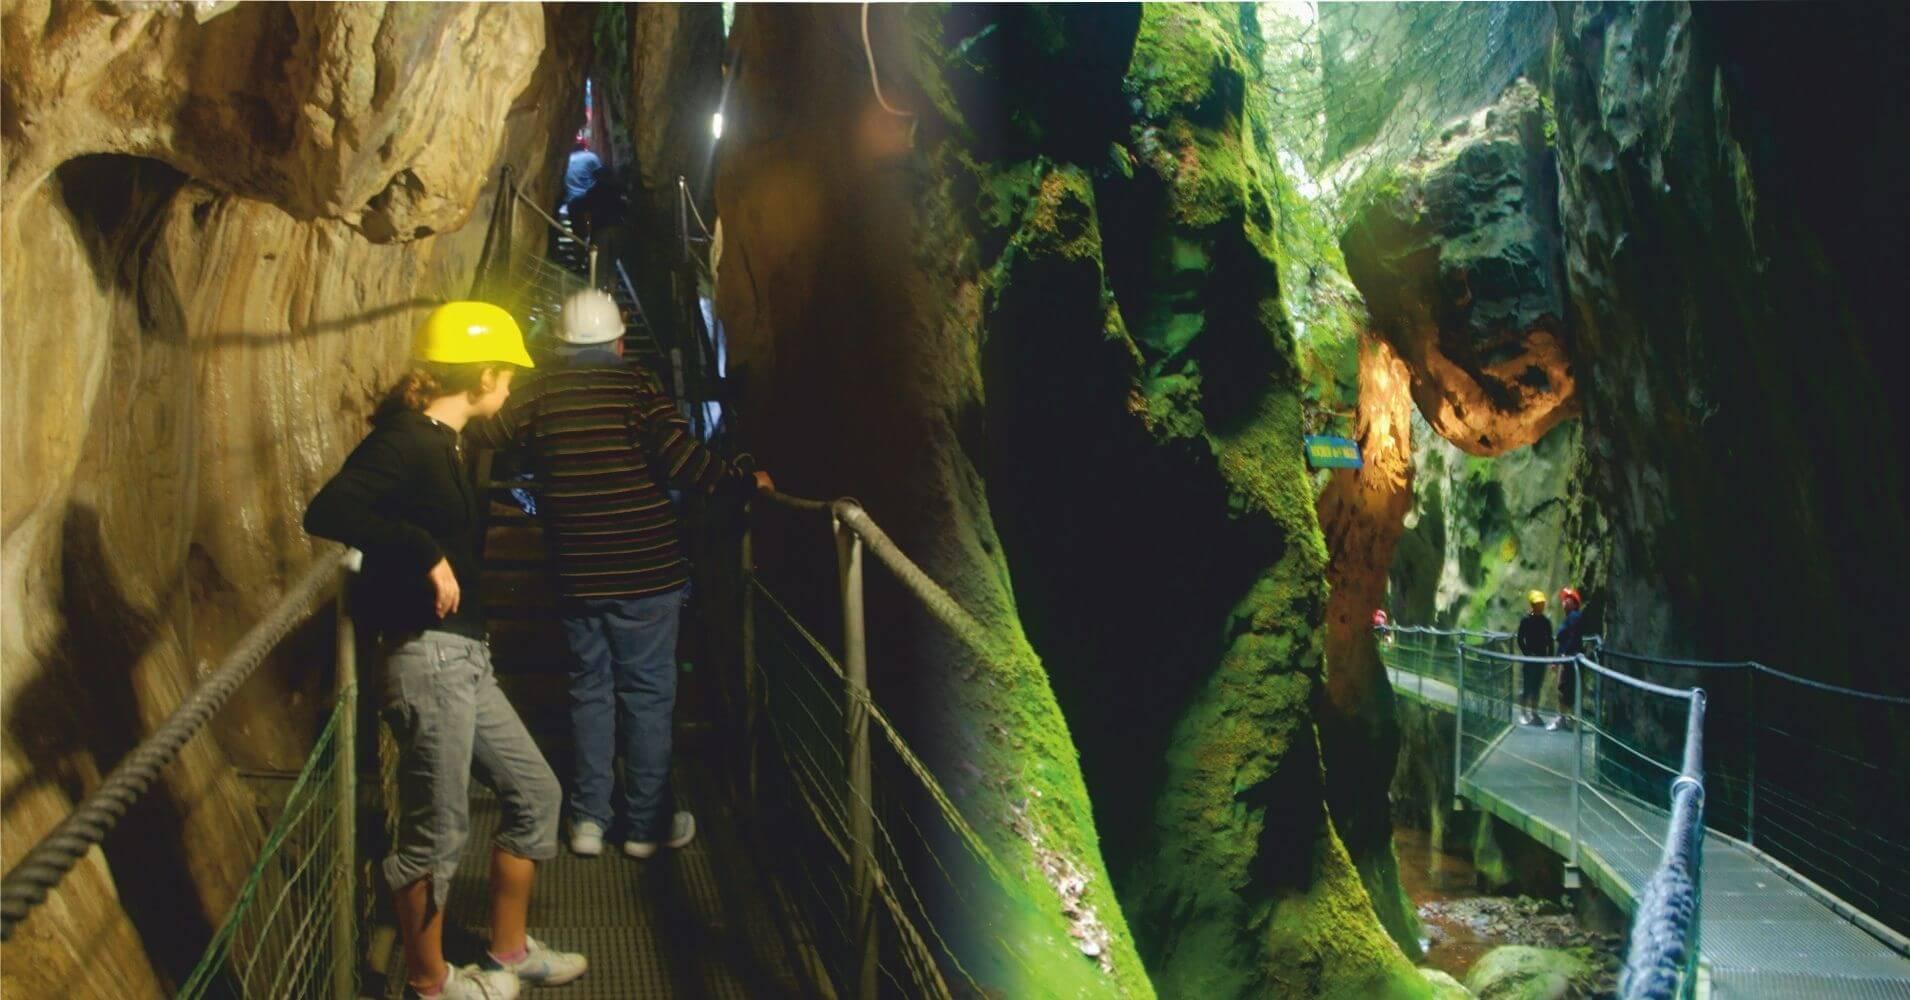 Cuevas y Grutas de les Gorges de la Fou. Arles-Sur-Tech. Departamento de Pirineos Orientales. Occitania. France.